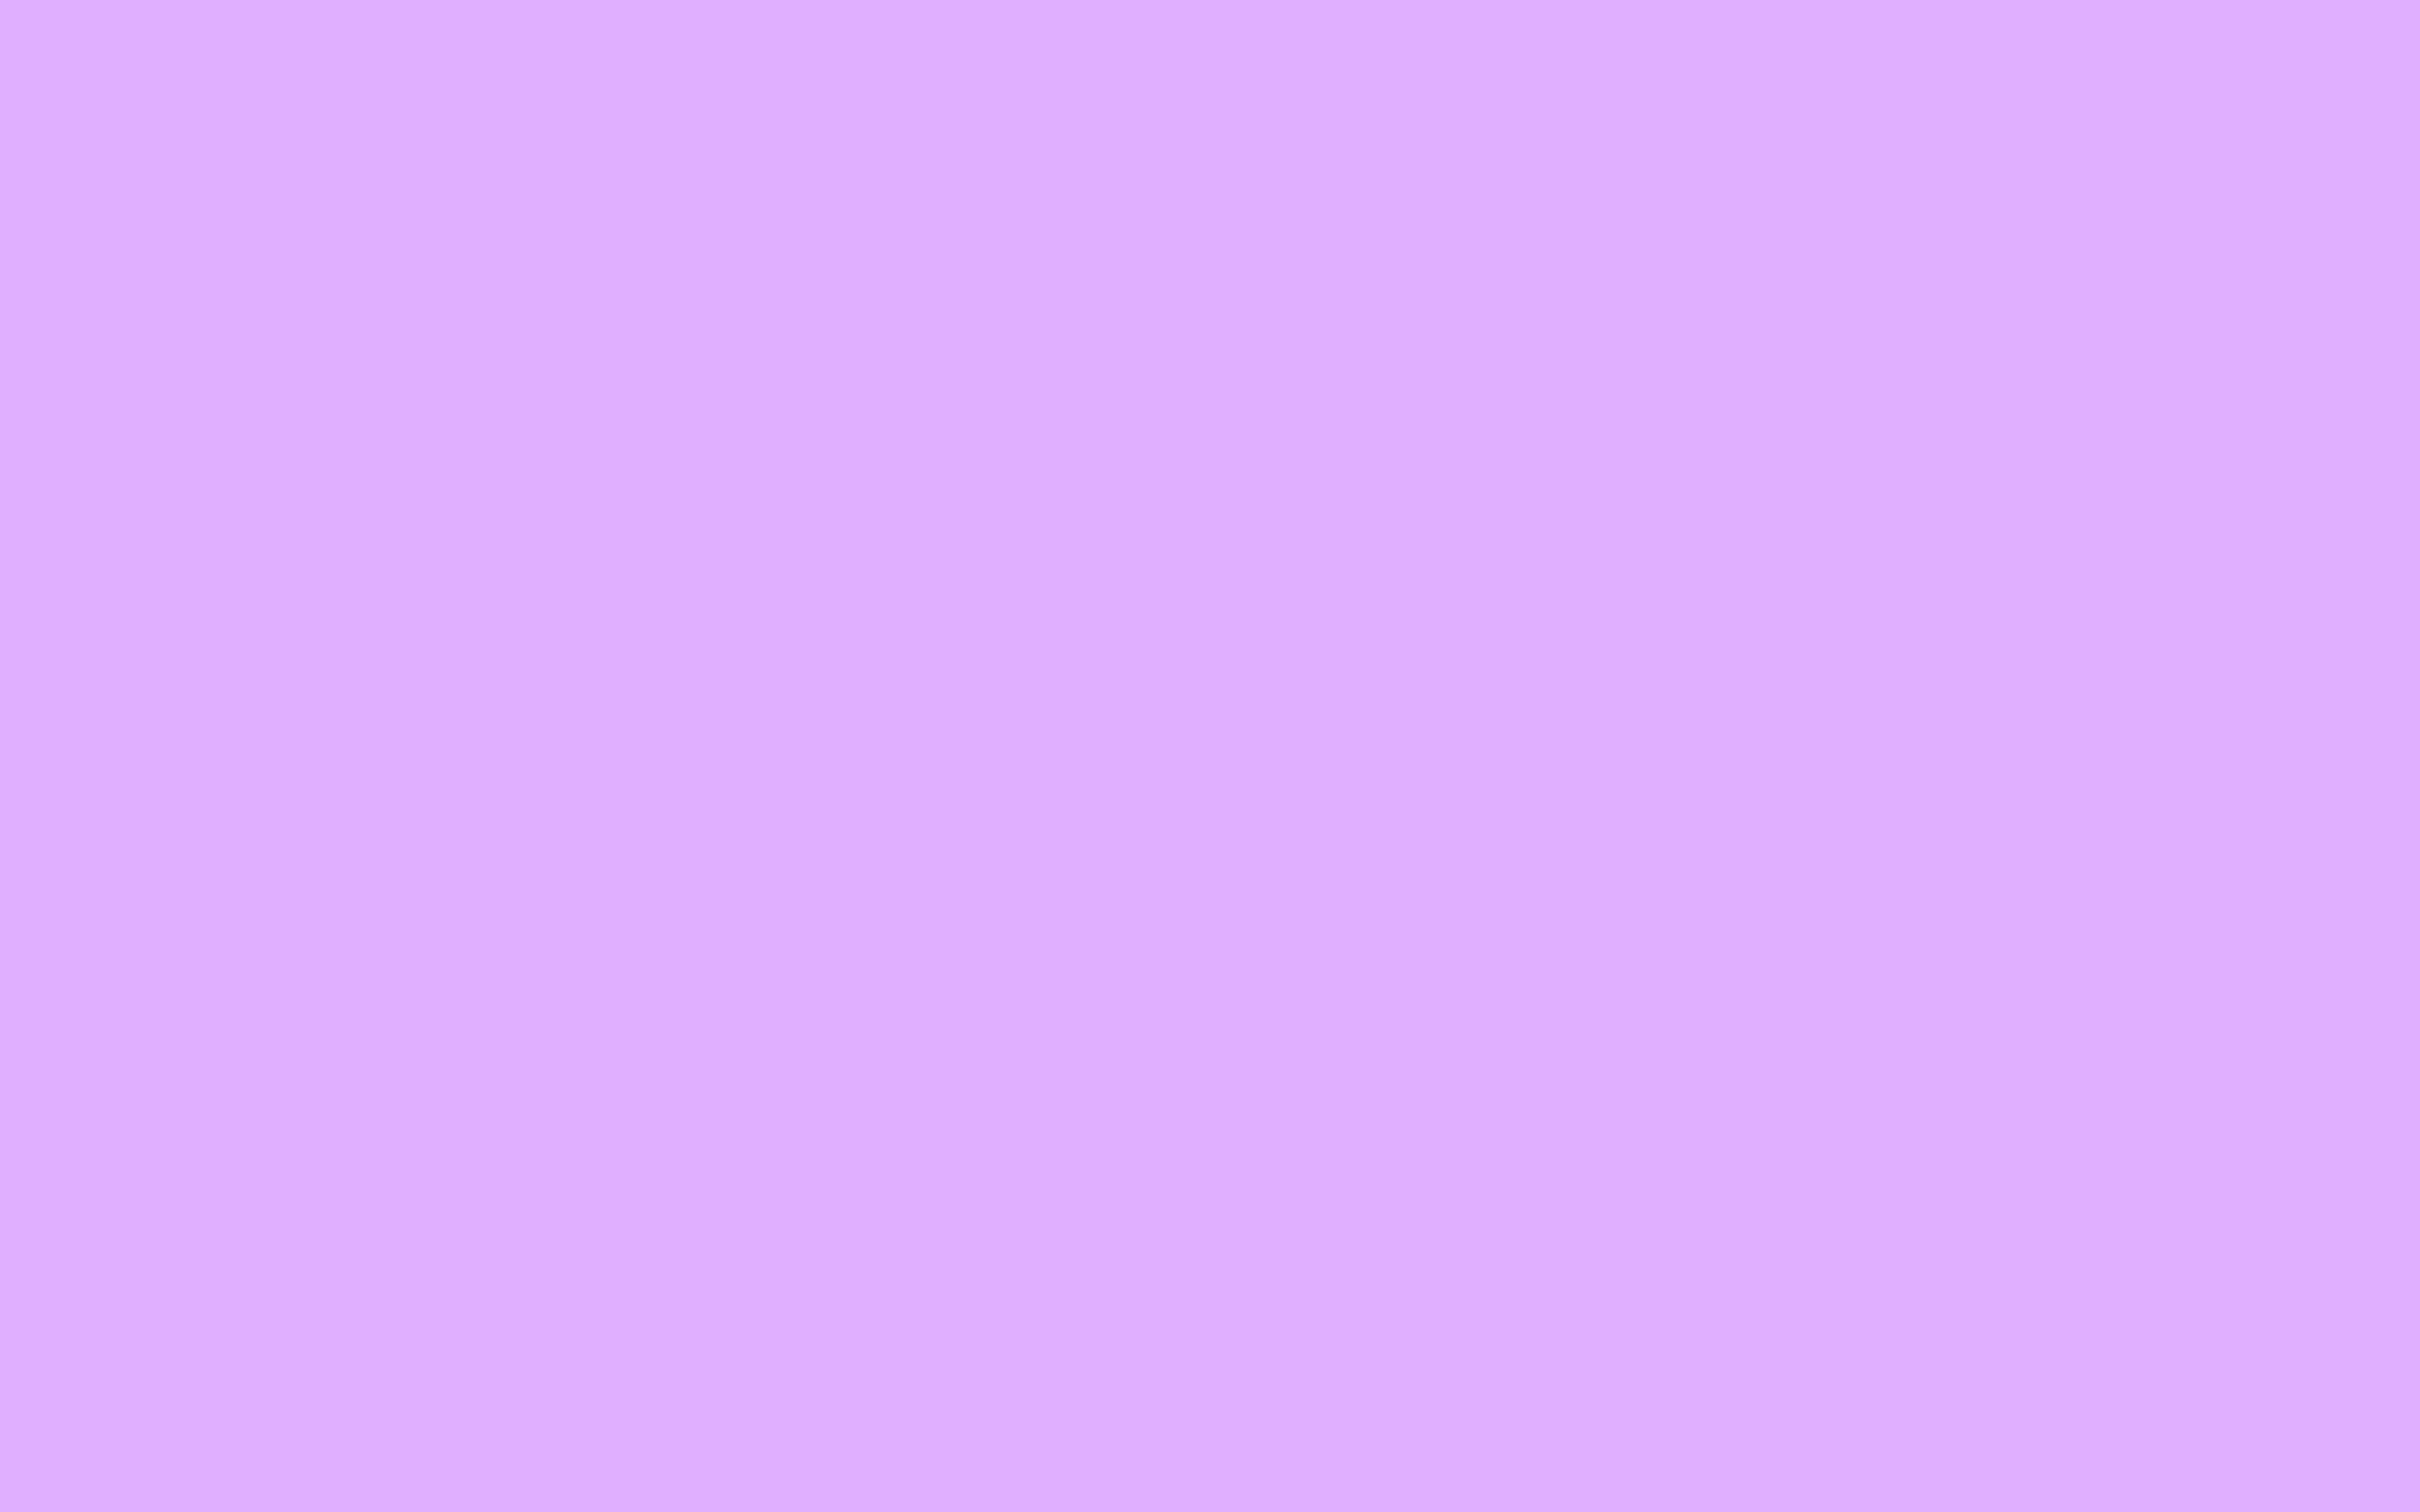 2560x1600 Mauve Solid Color Background